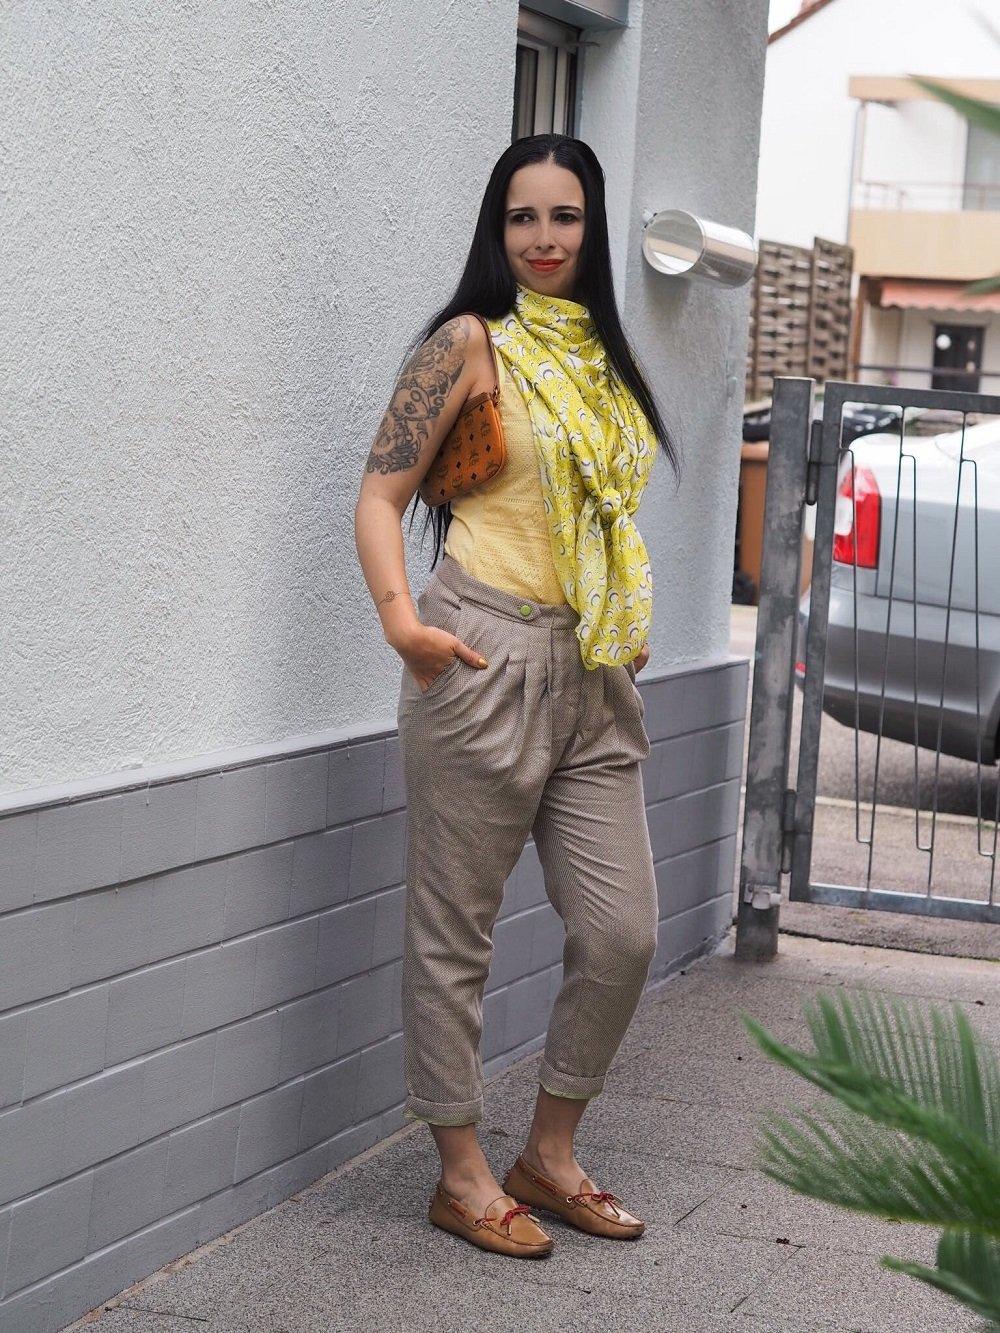 Heute stelle ich euch auf meinem Blog das Label Mongrels in Common vor und zeige ein OOTD mit stylischer Hose und Seidentuch, Clutch von MCM und Loafers von Tod`s